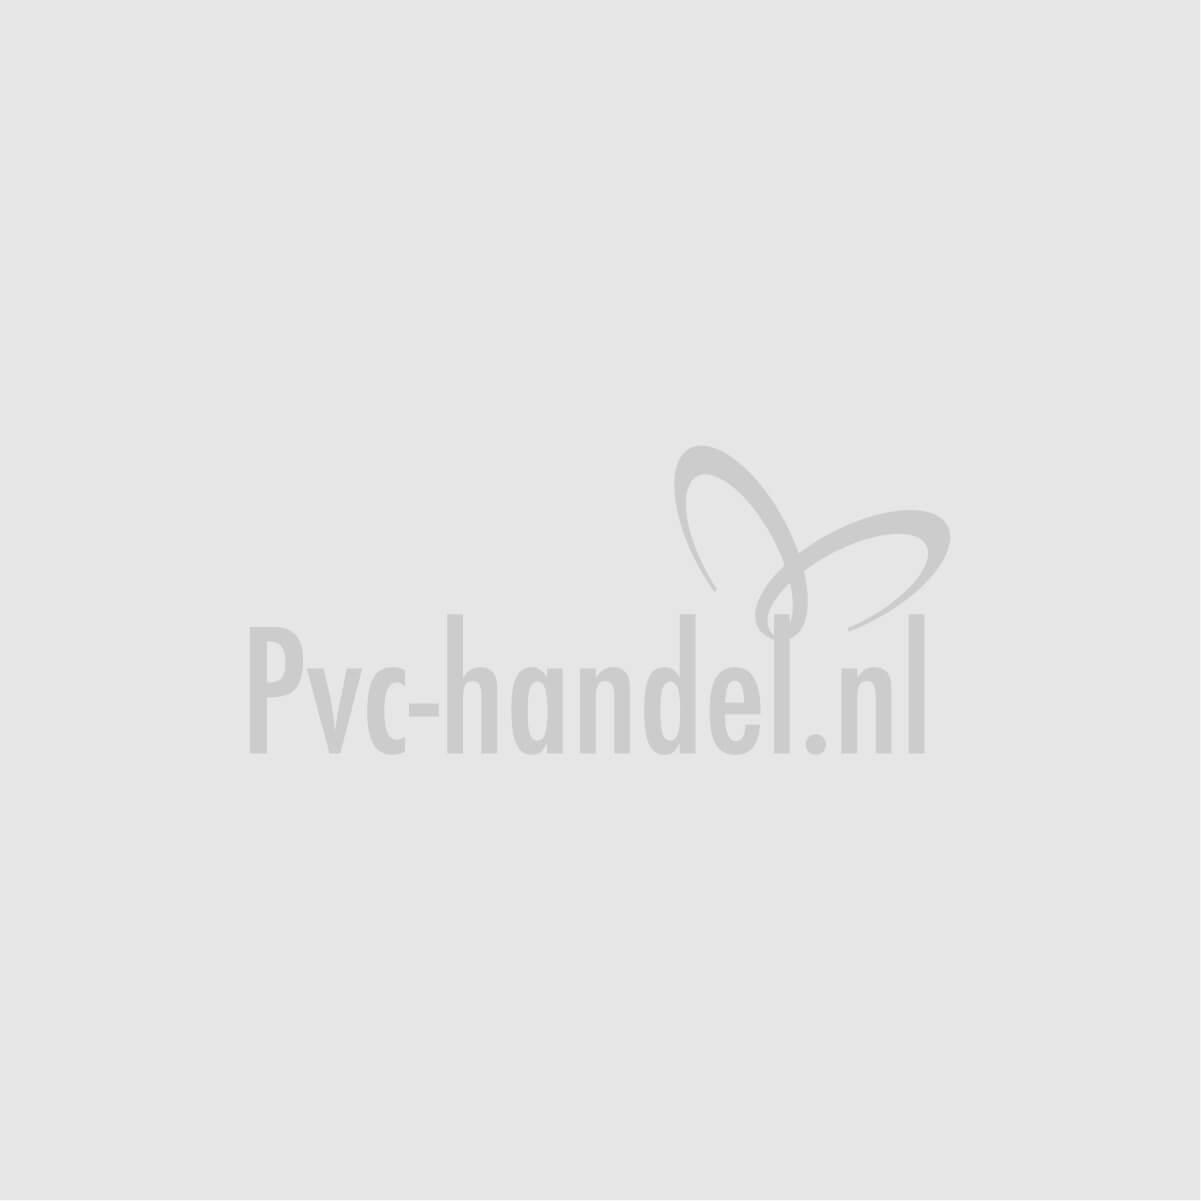 PVC drukbuizen transparant